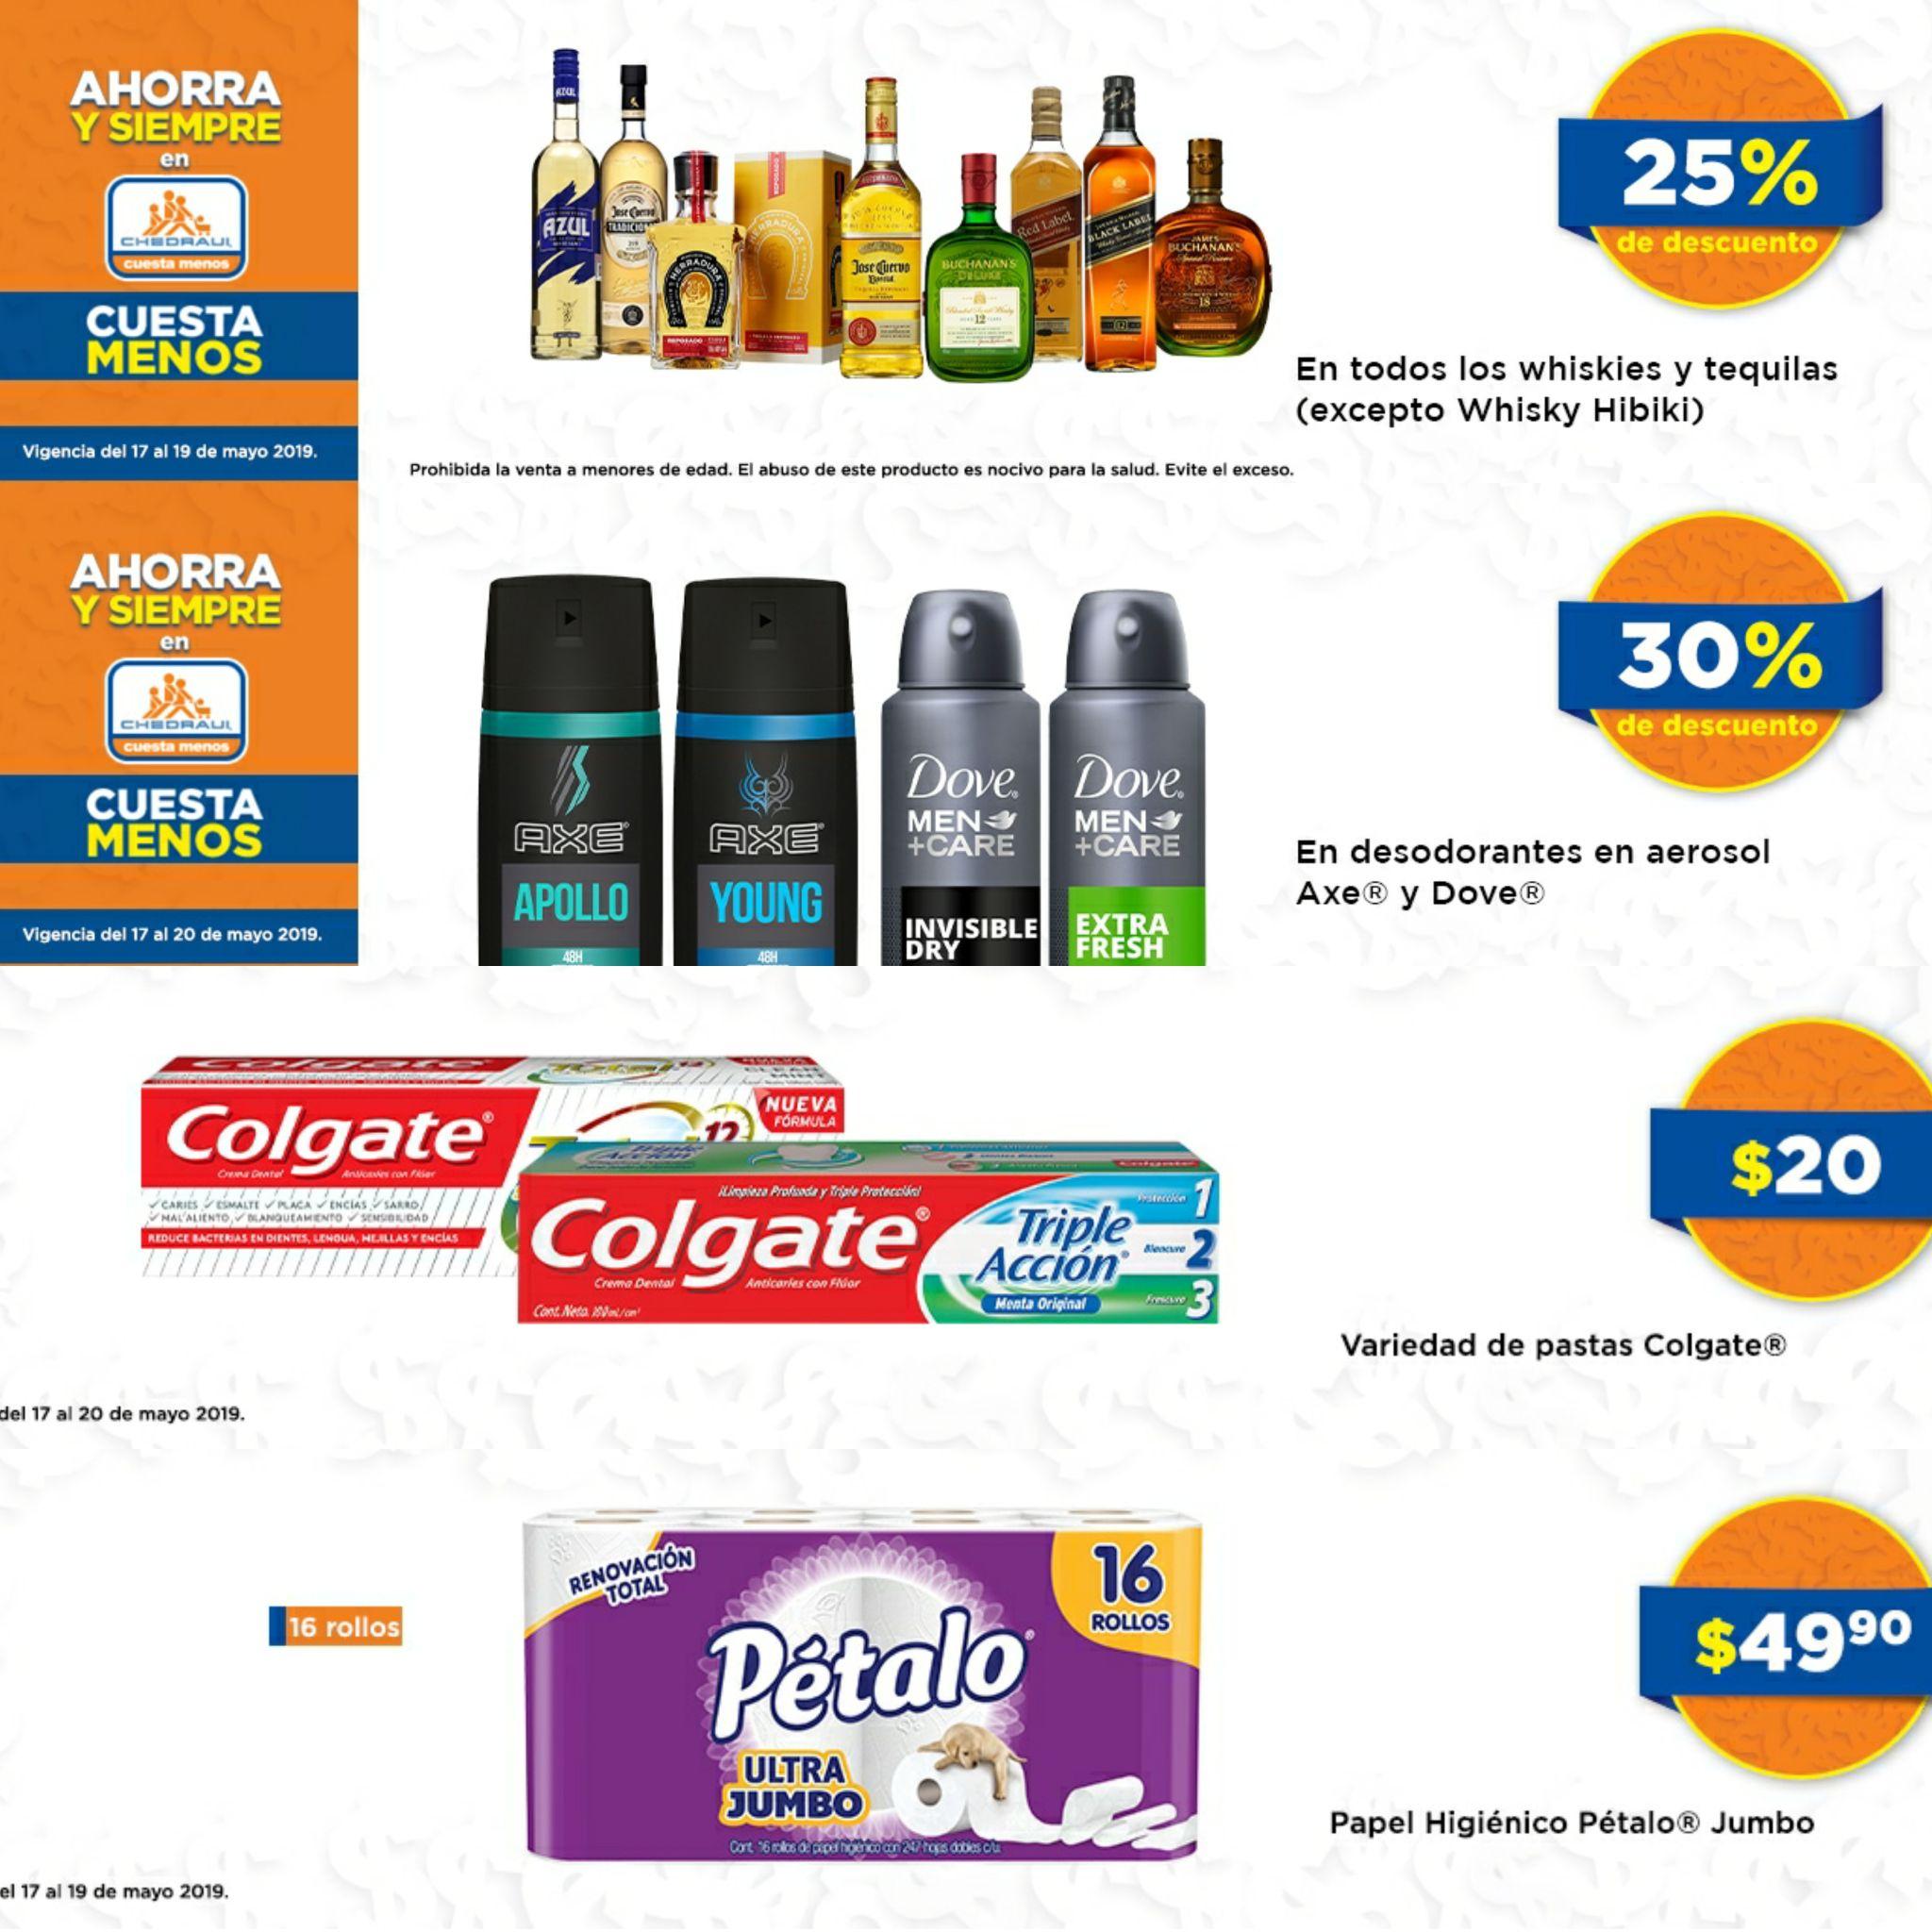 Chedraui: Descuentos en Tequilas, Whiskys, Desodorantes y más ofertas de fin de semana